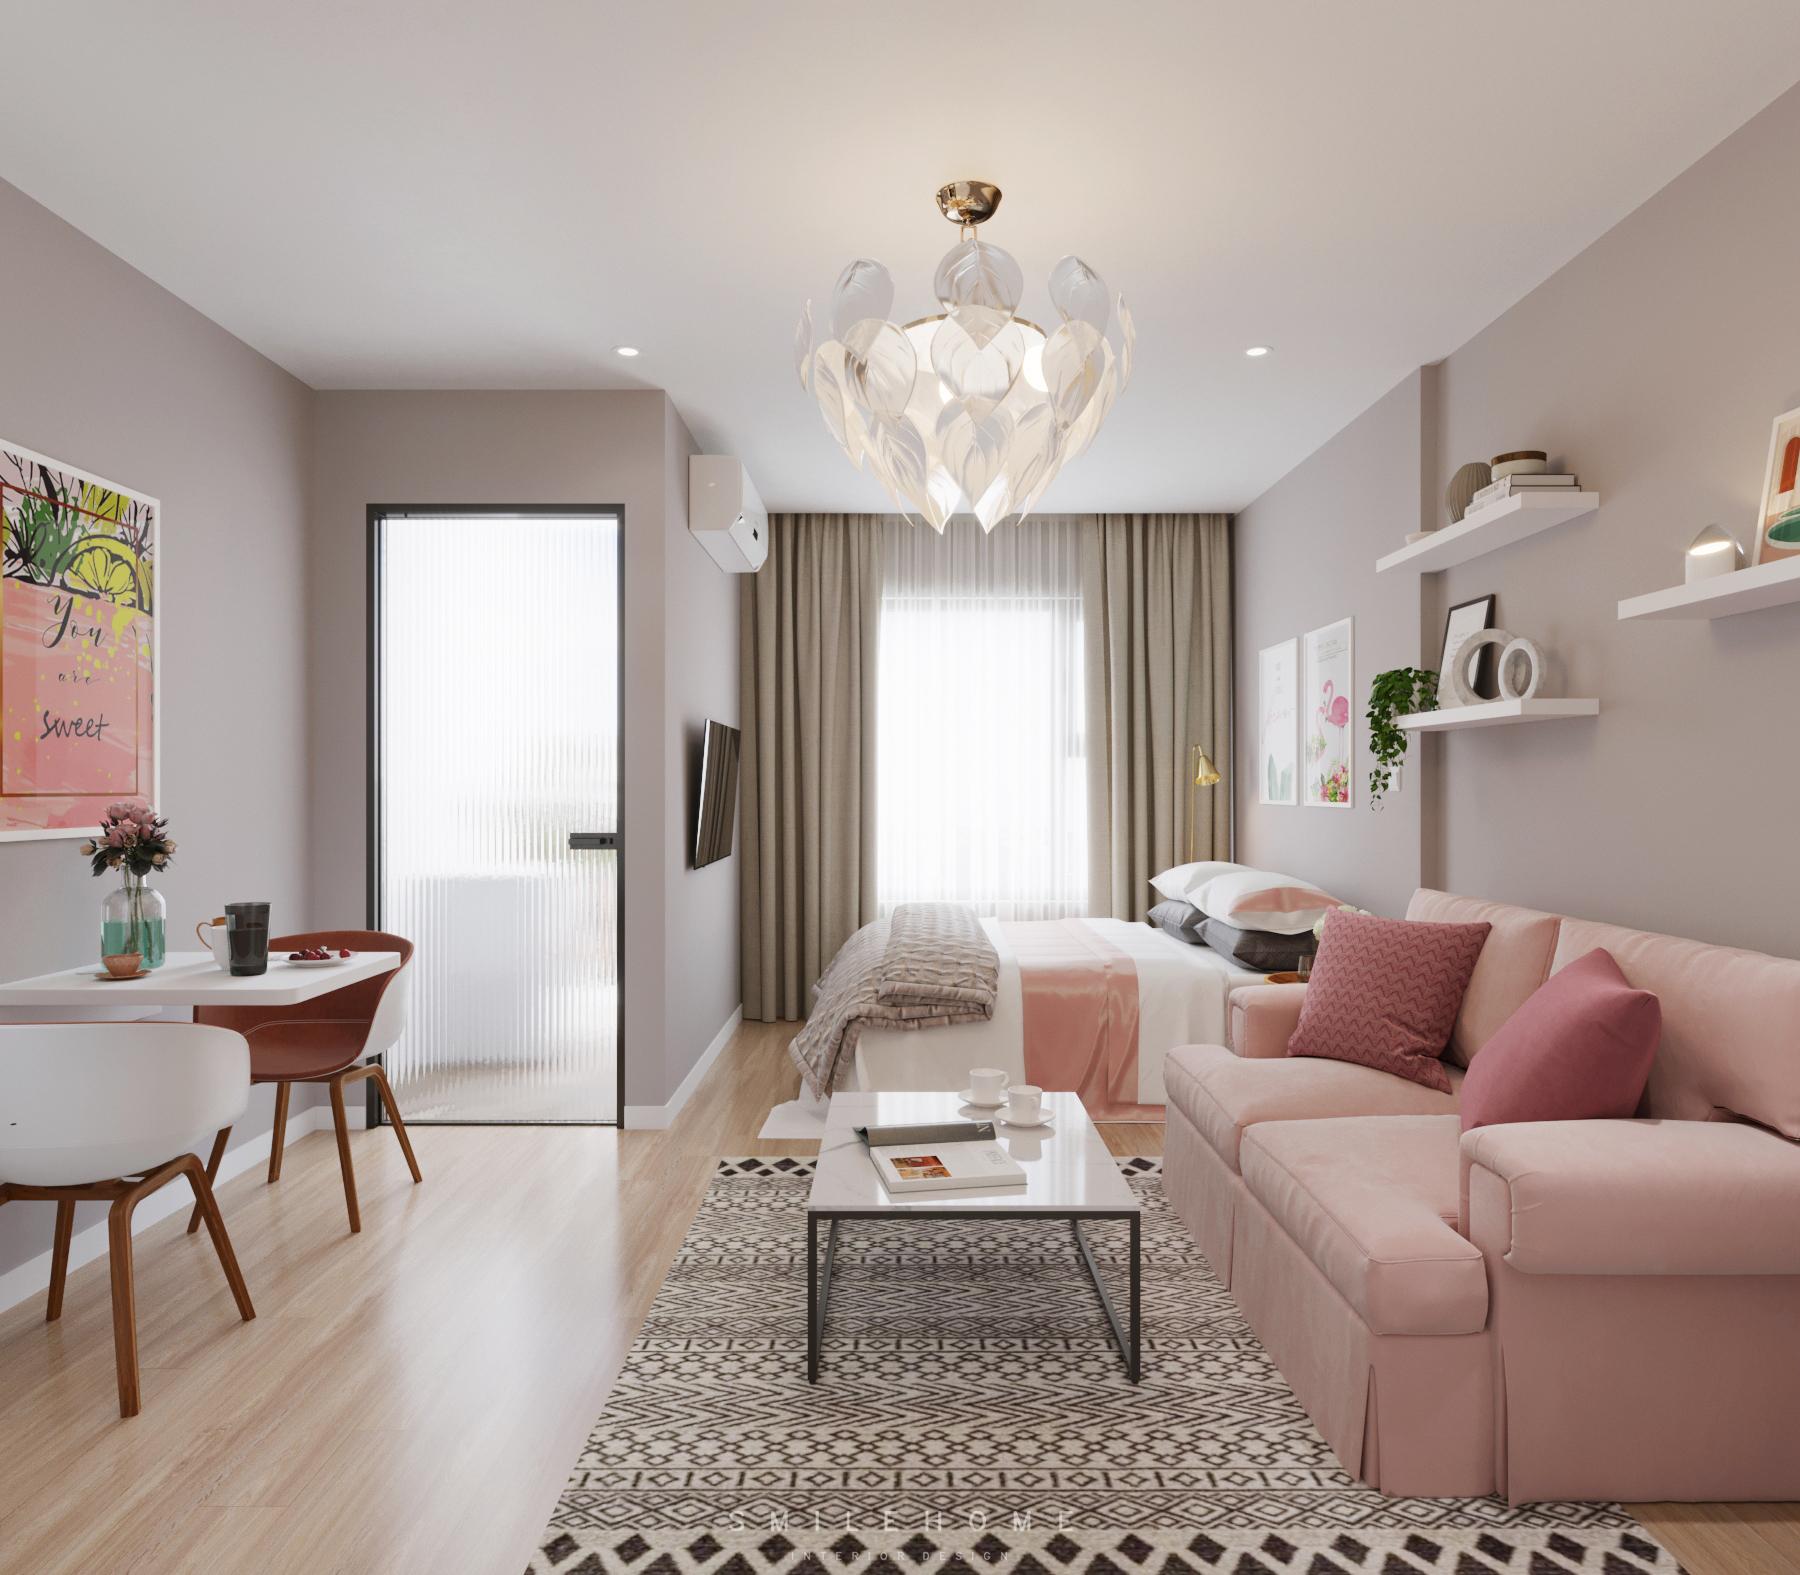 Mẫu thiết kế nội thất căn hộ 2 phòng ngủ